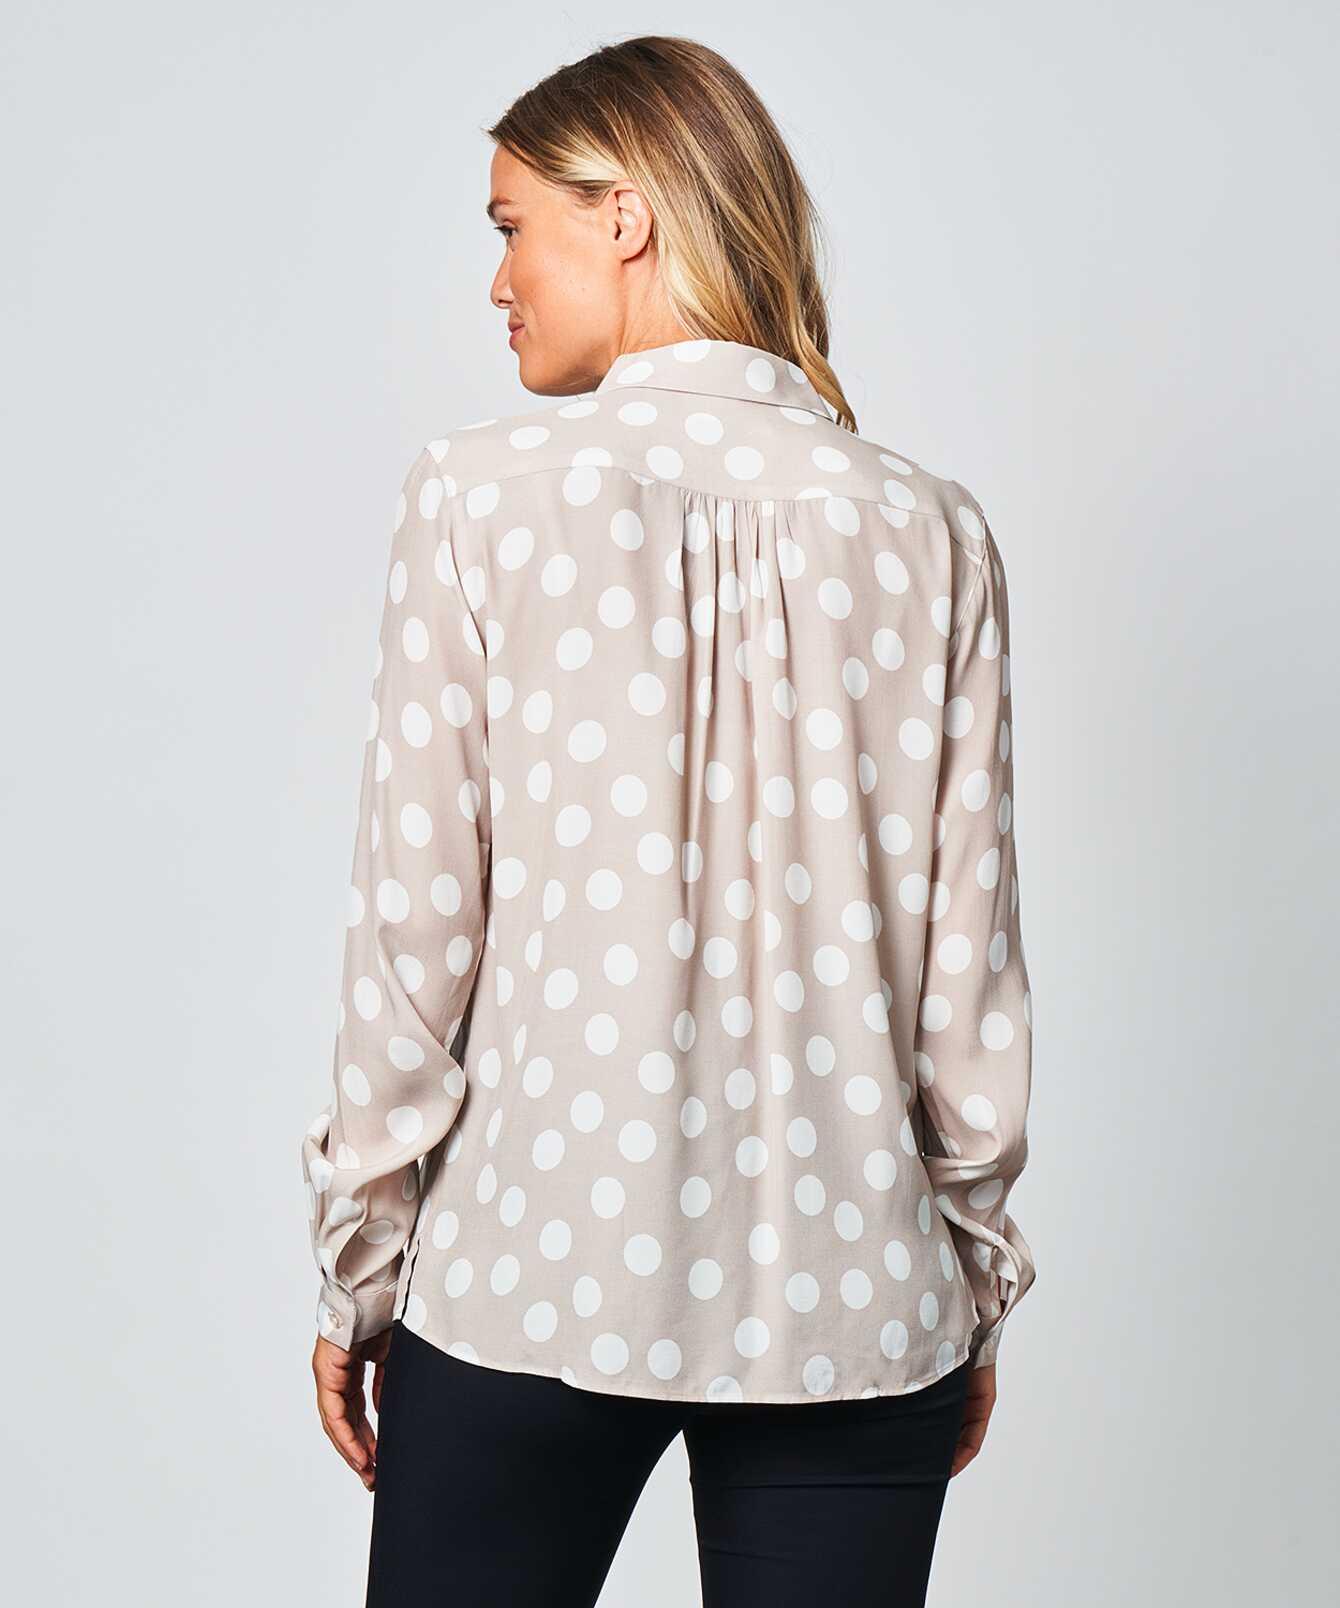 Shirt Gina Polka dots The Shirt Factory